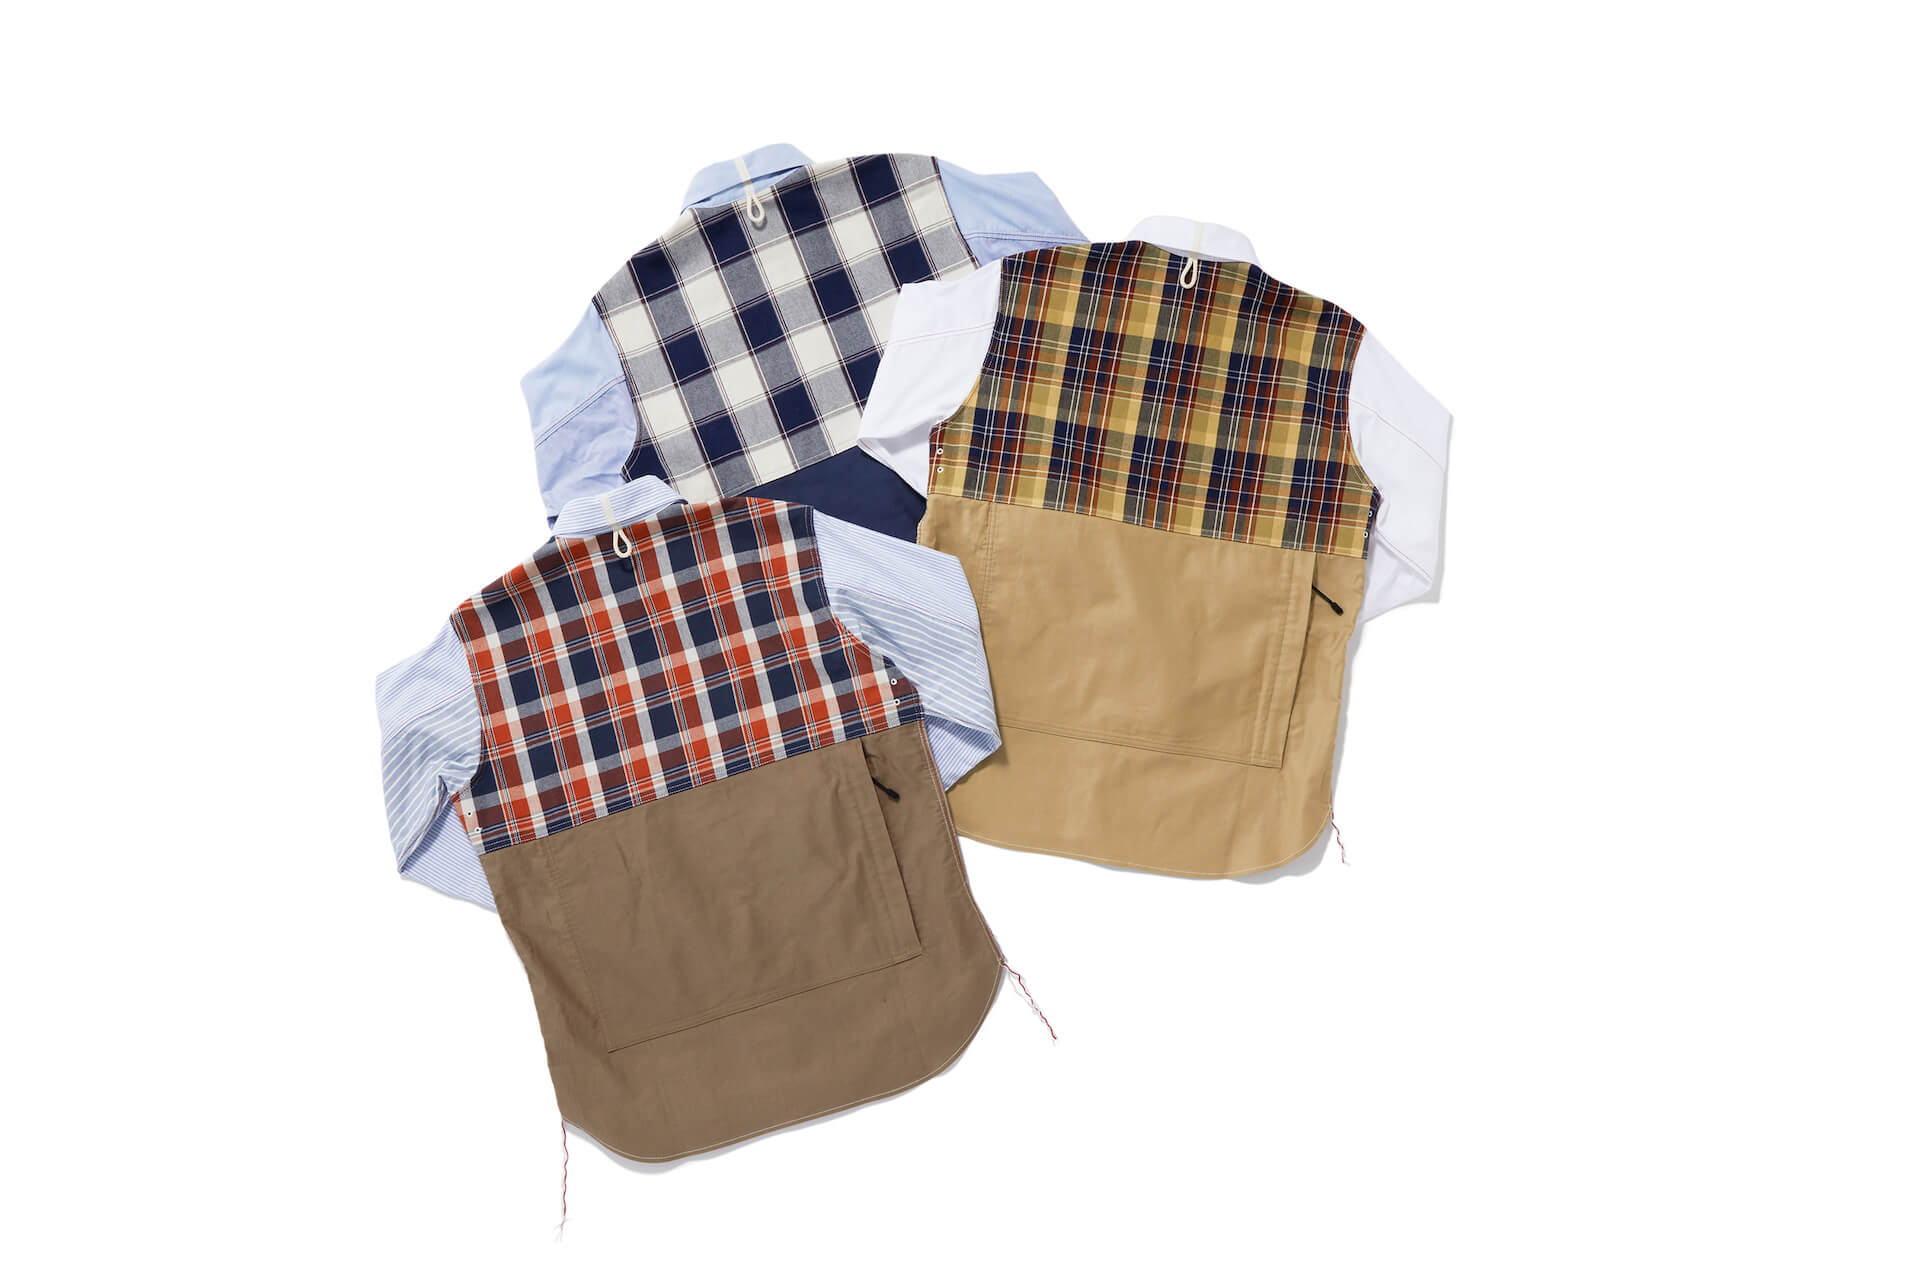 ブルックス ブラザーズ×COMME des GARÇONS JUNYA WATANABE MANのコラボ再び!アイコニックなブレザー&シャツが登場 fashion2020907-brooksbrothers3